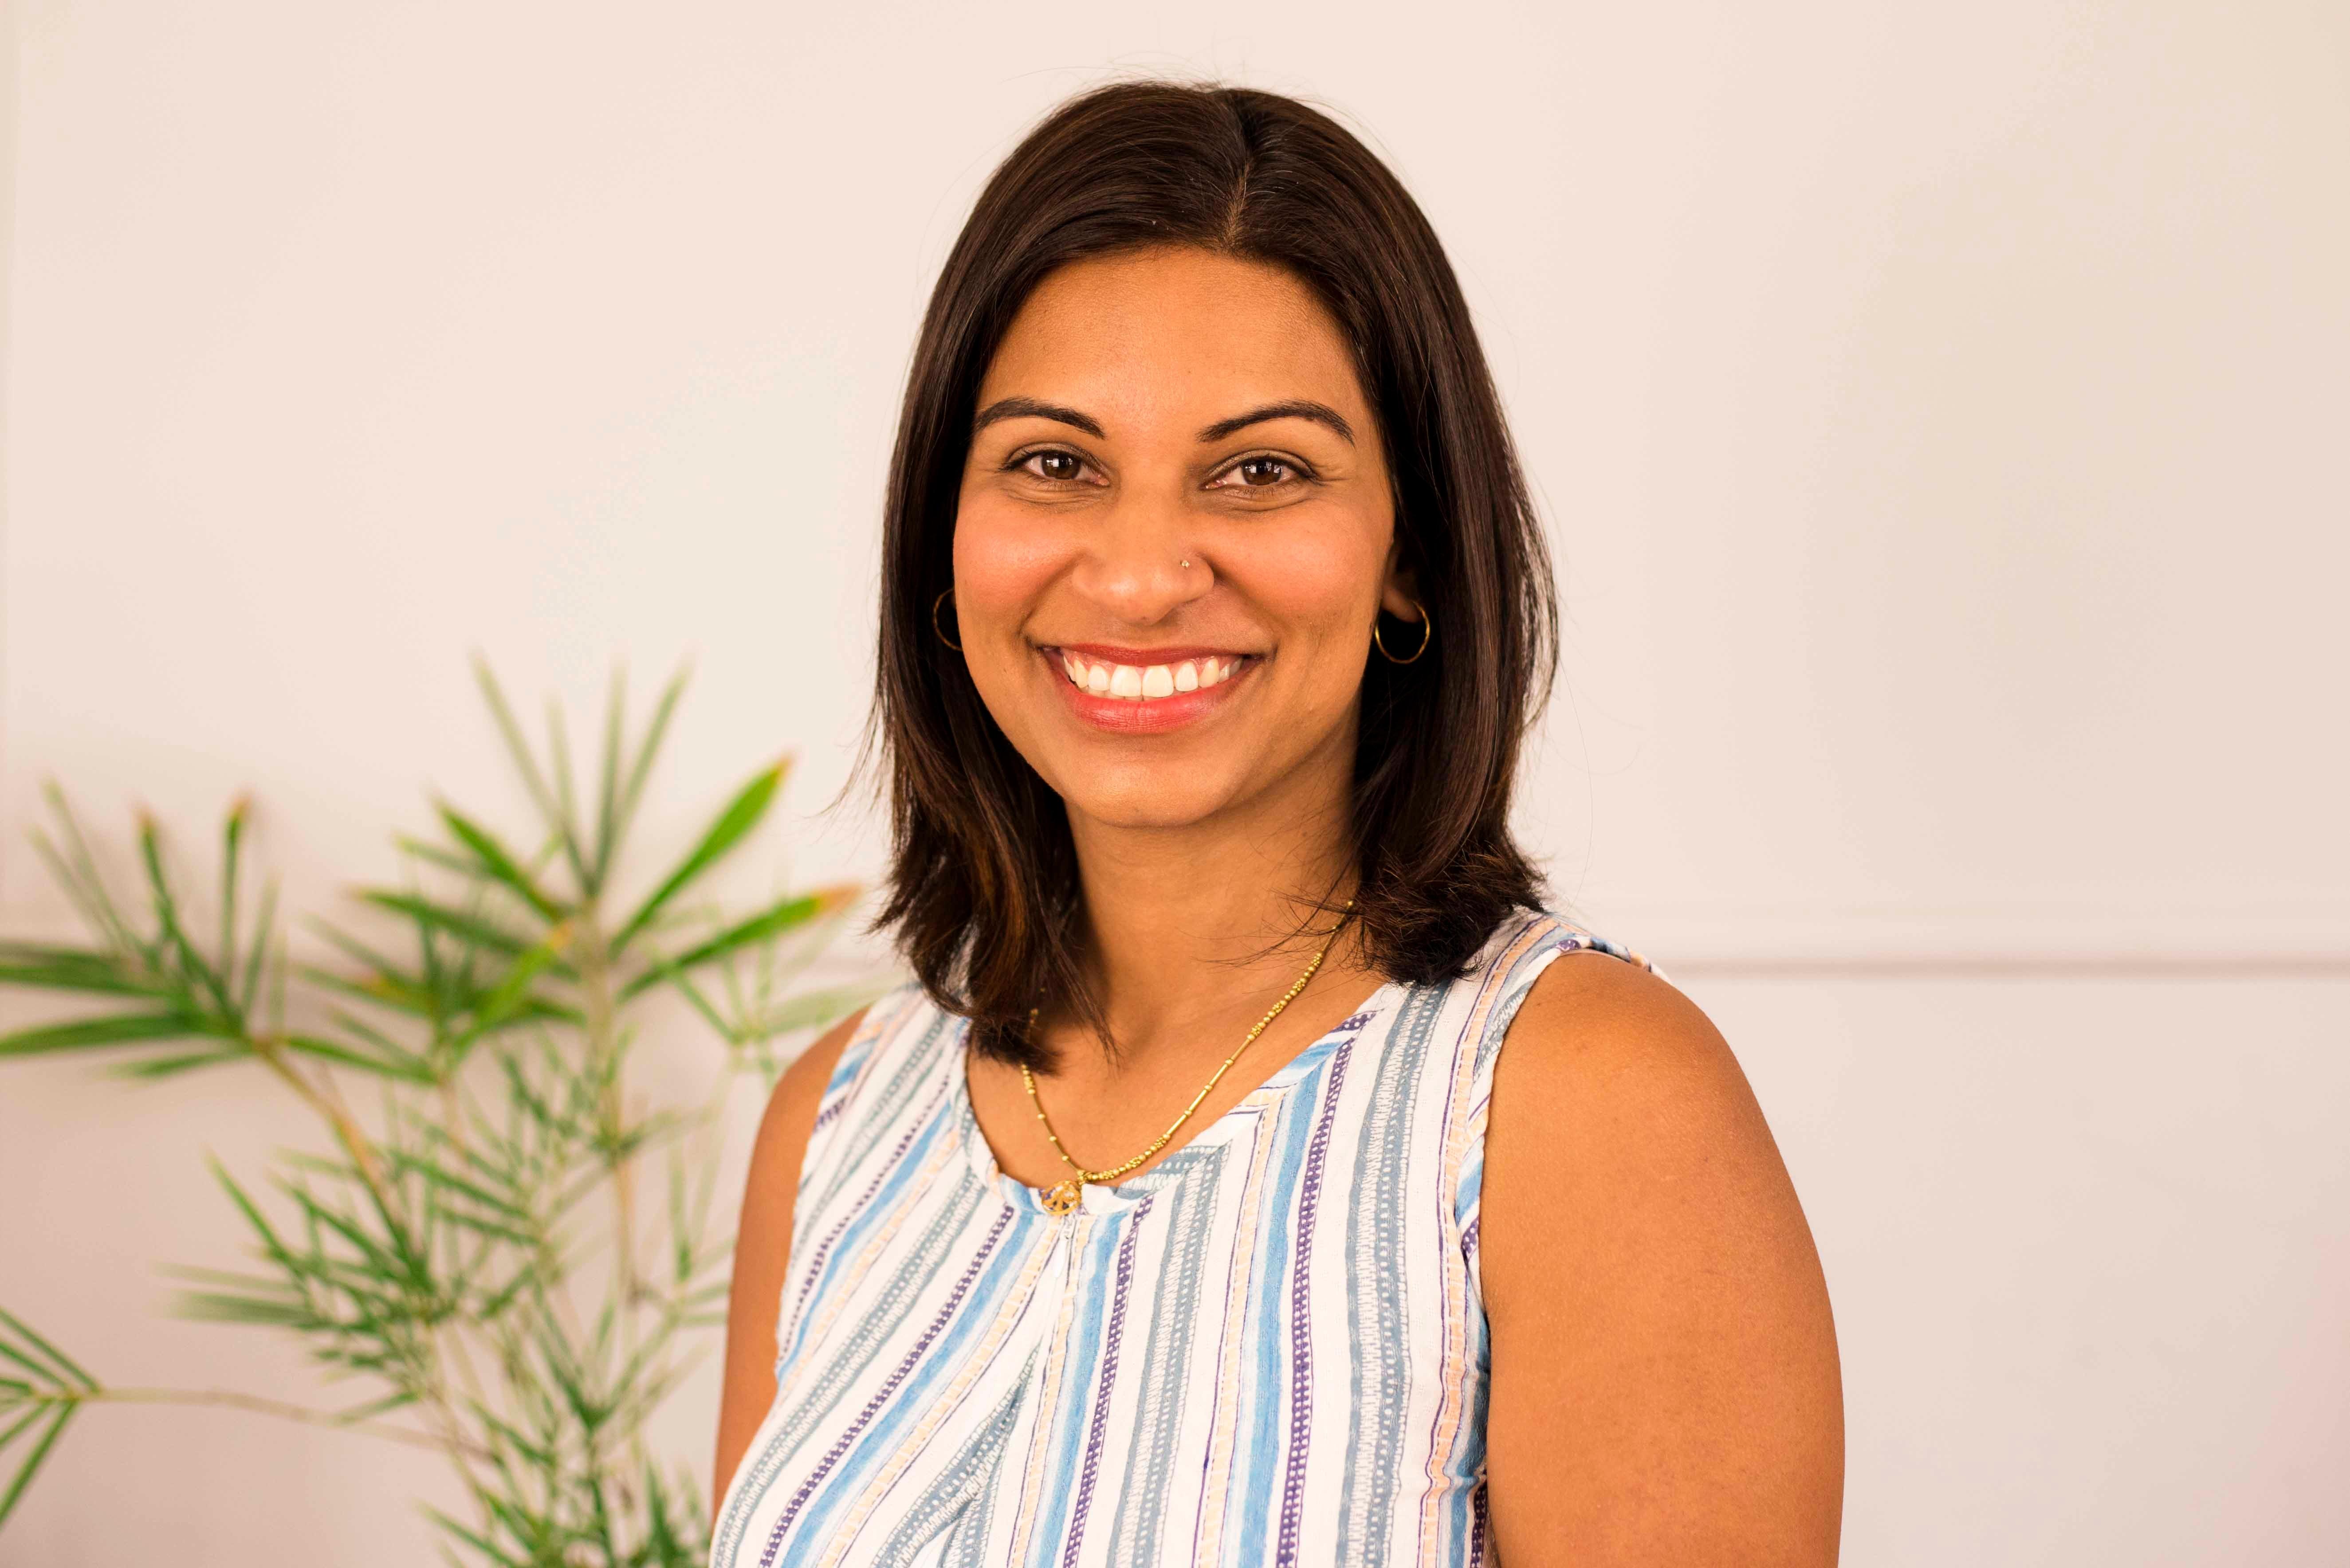 Rehana Lakhani